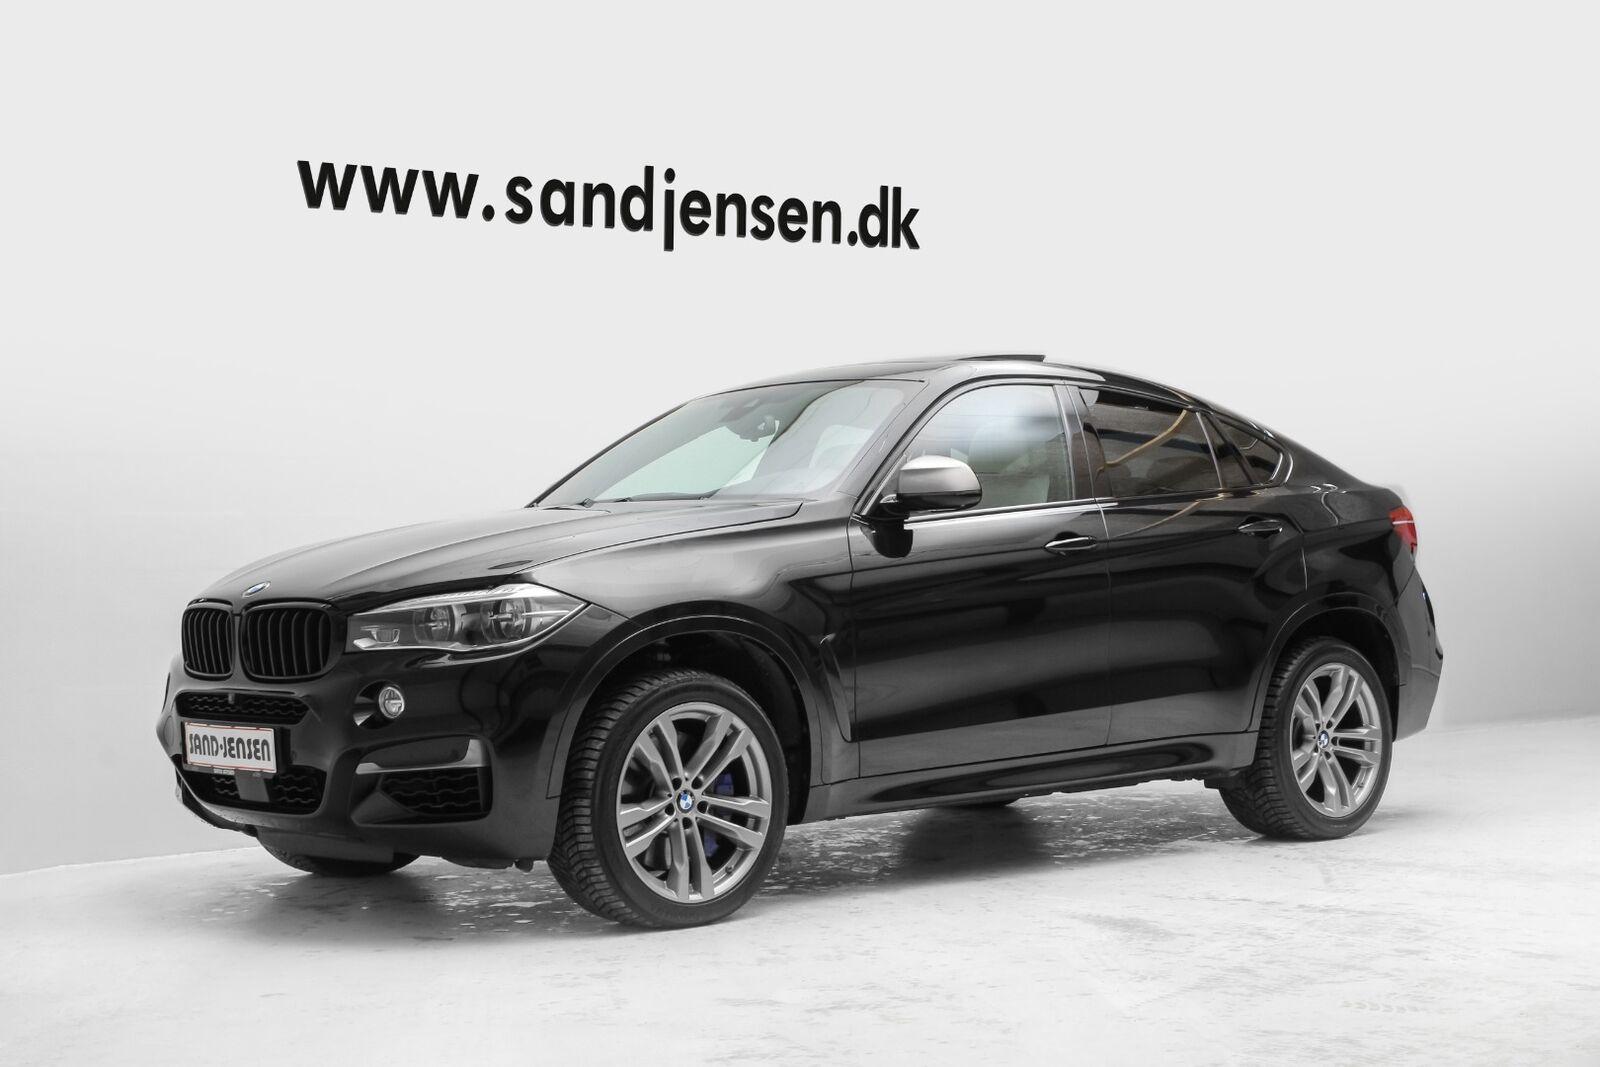 BMW X6 3,0 M50d xDrive aut. 5d - 6.920 kr.